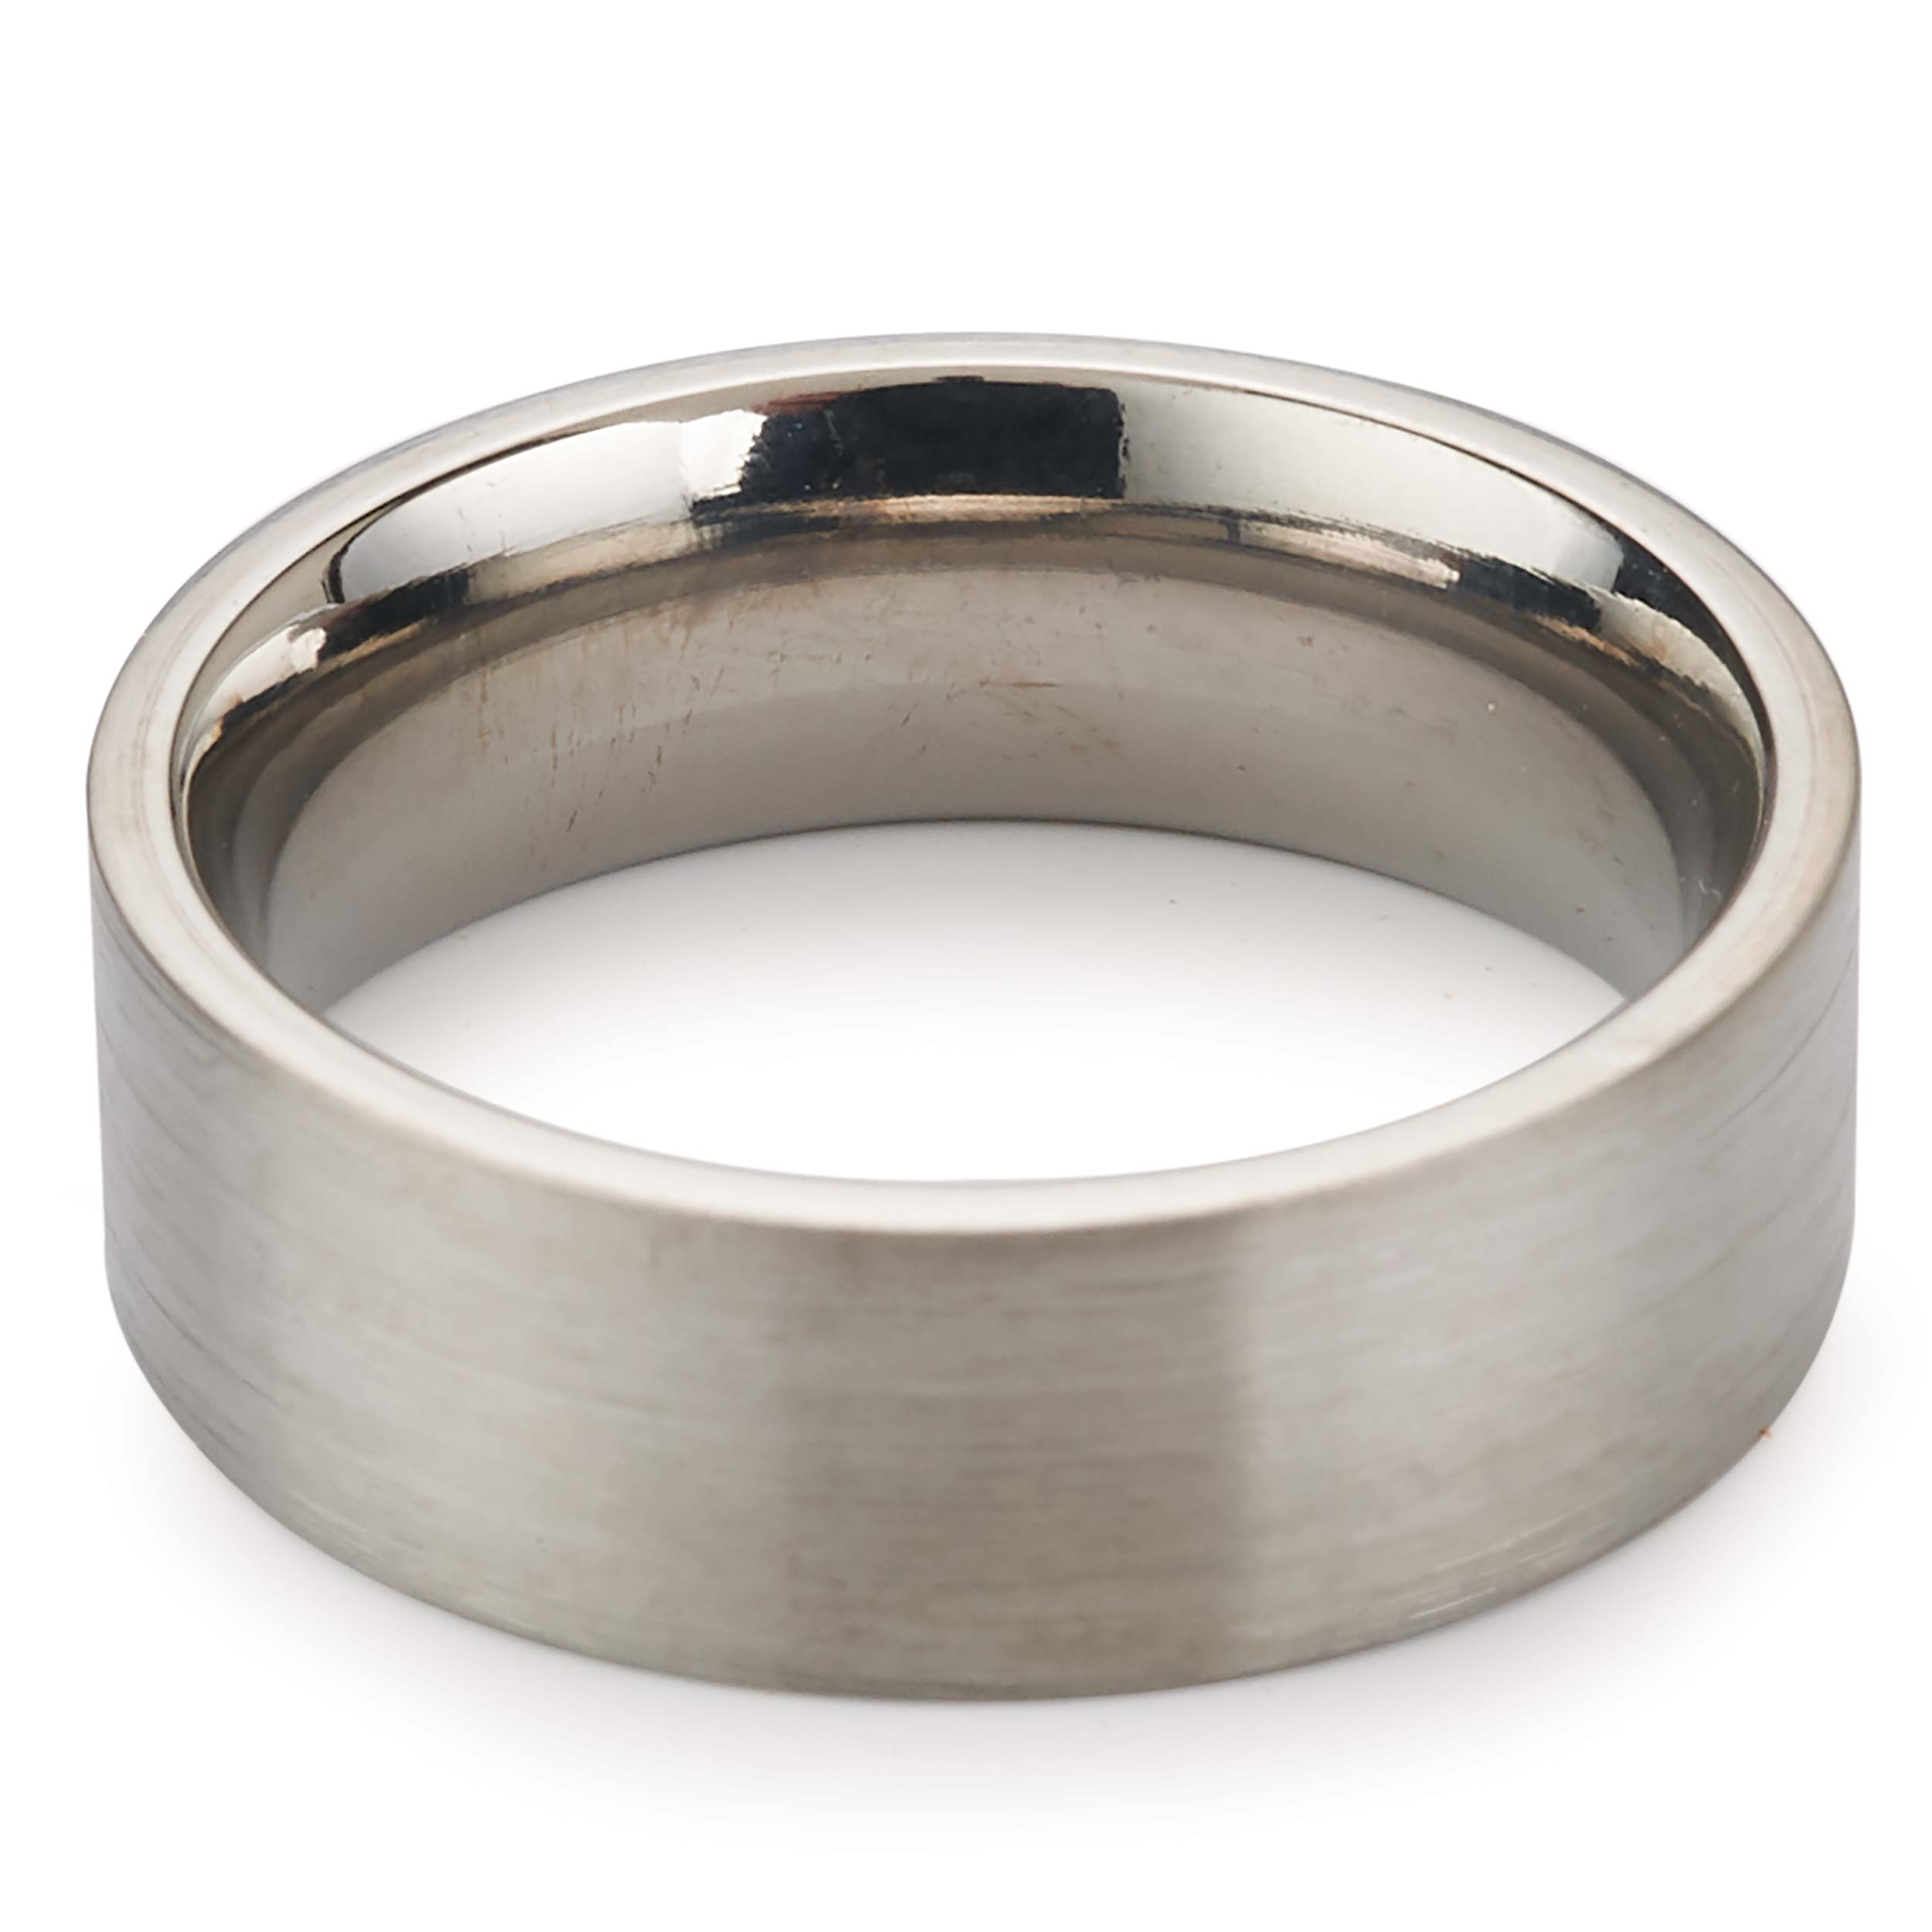 Comfort Ring Core - 64AL-4V Titanium - 6mm, Size 11